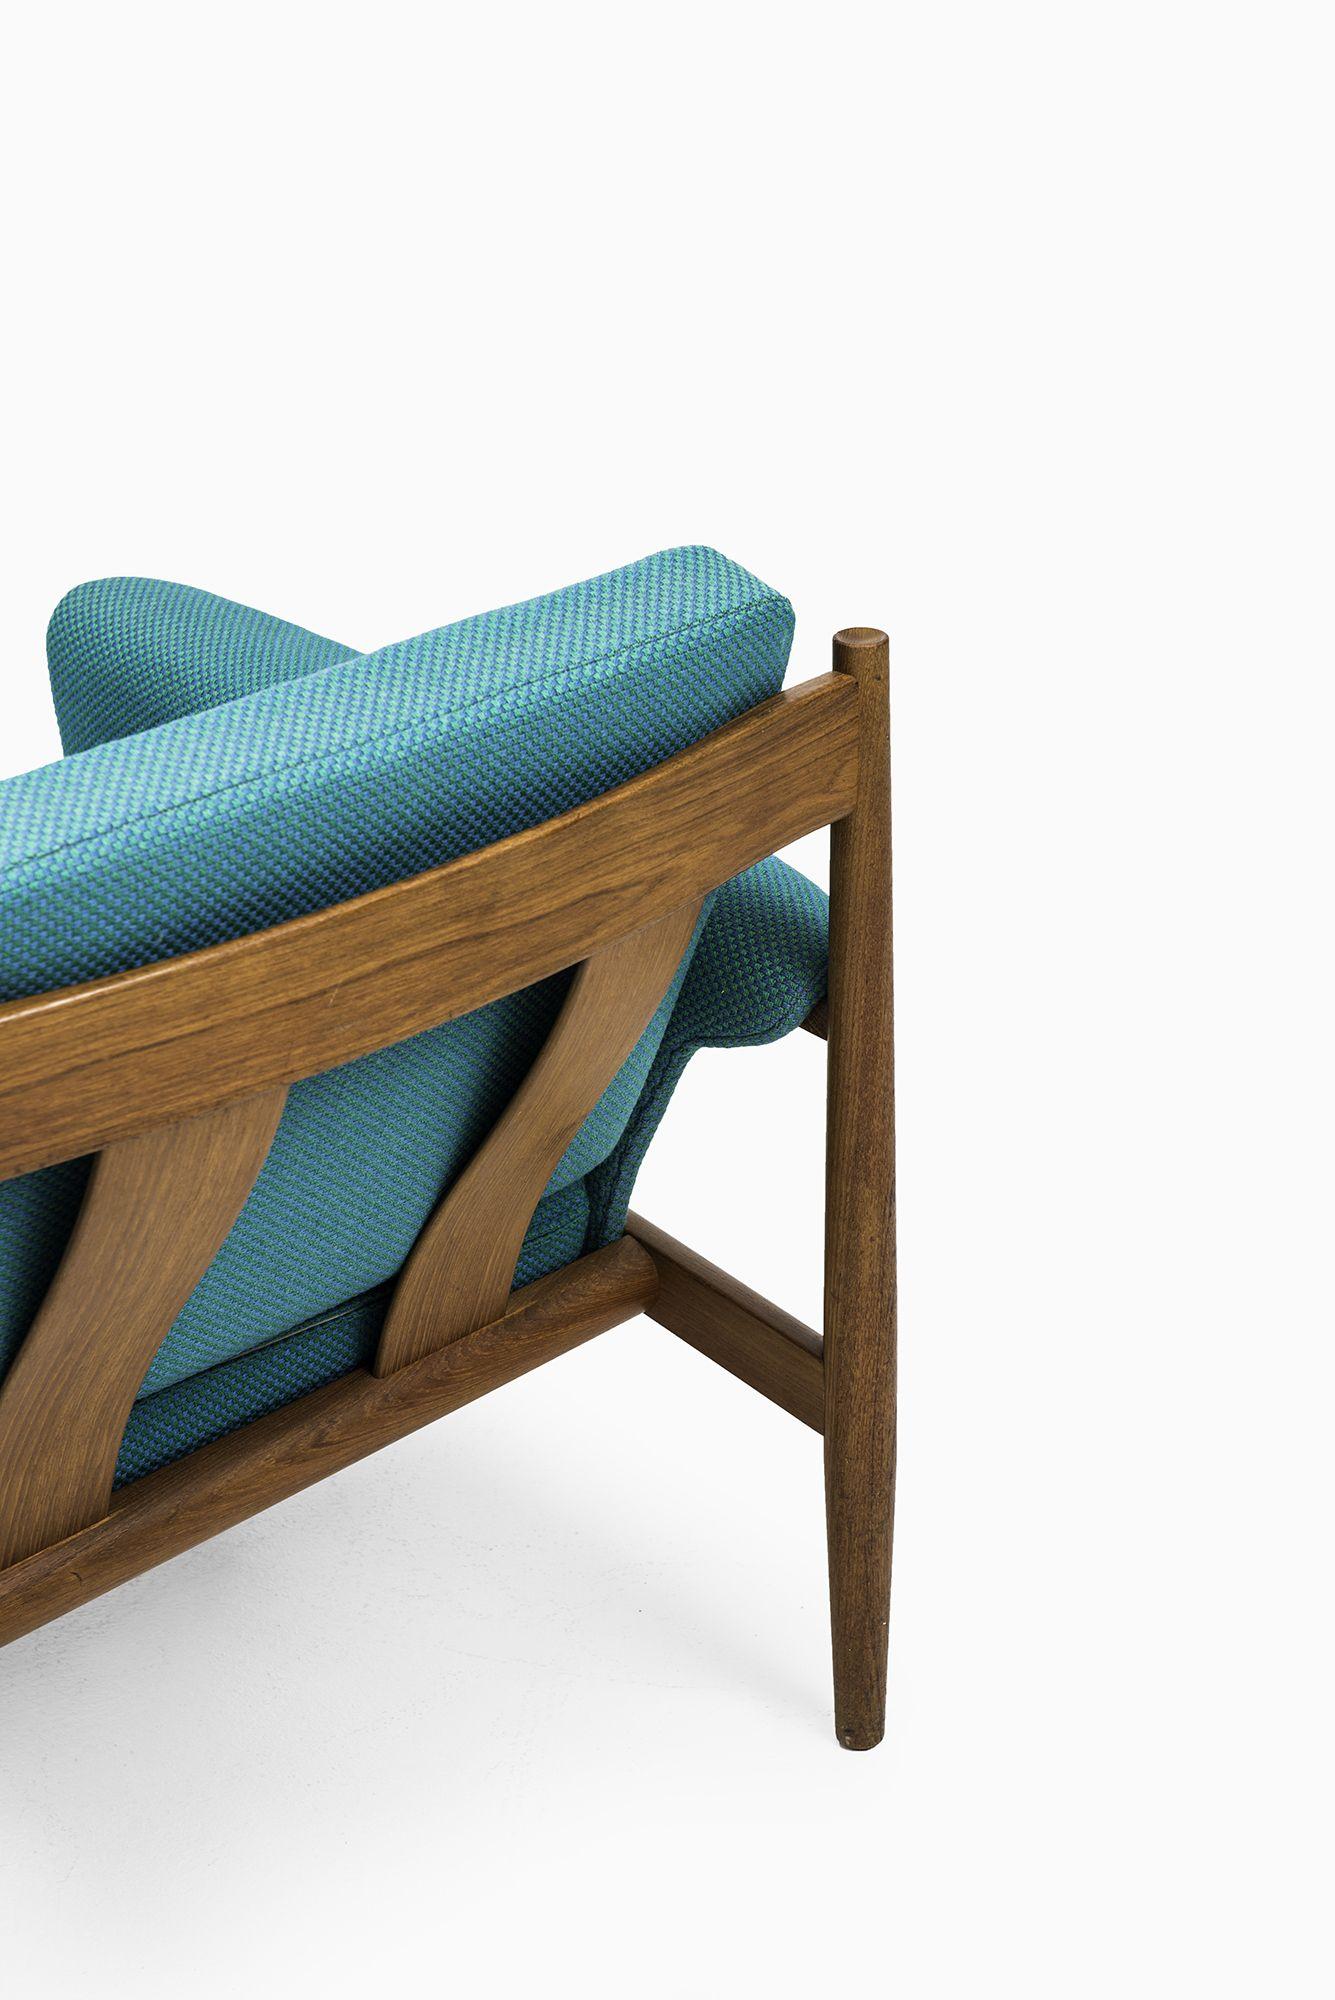 Finn Juhl easy chair model Grand Danois at Studio Schalling